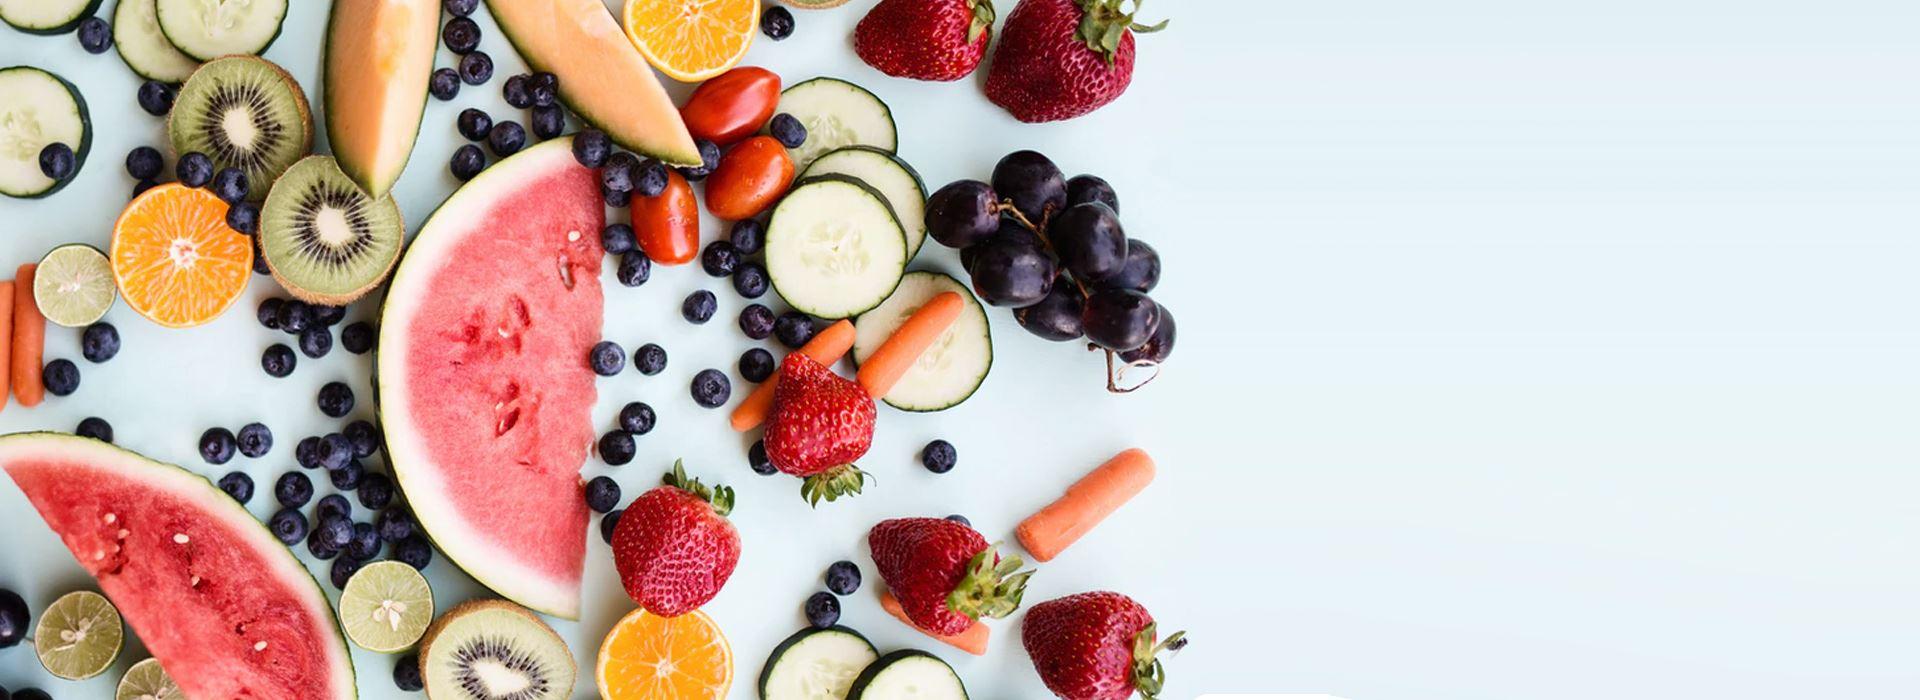 10 مدل طرز تهیه سالاد میوه برای مهمانی